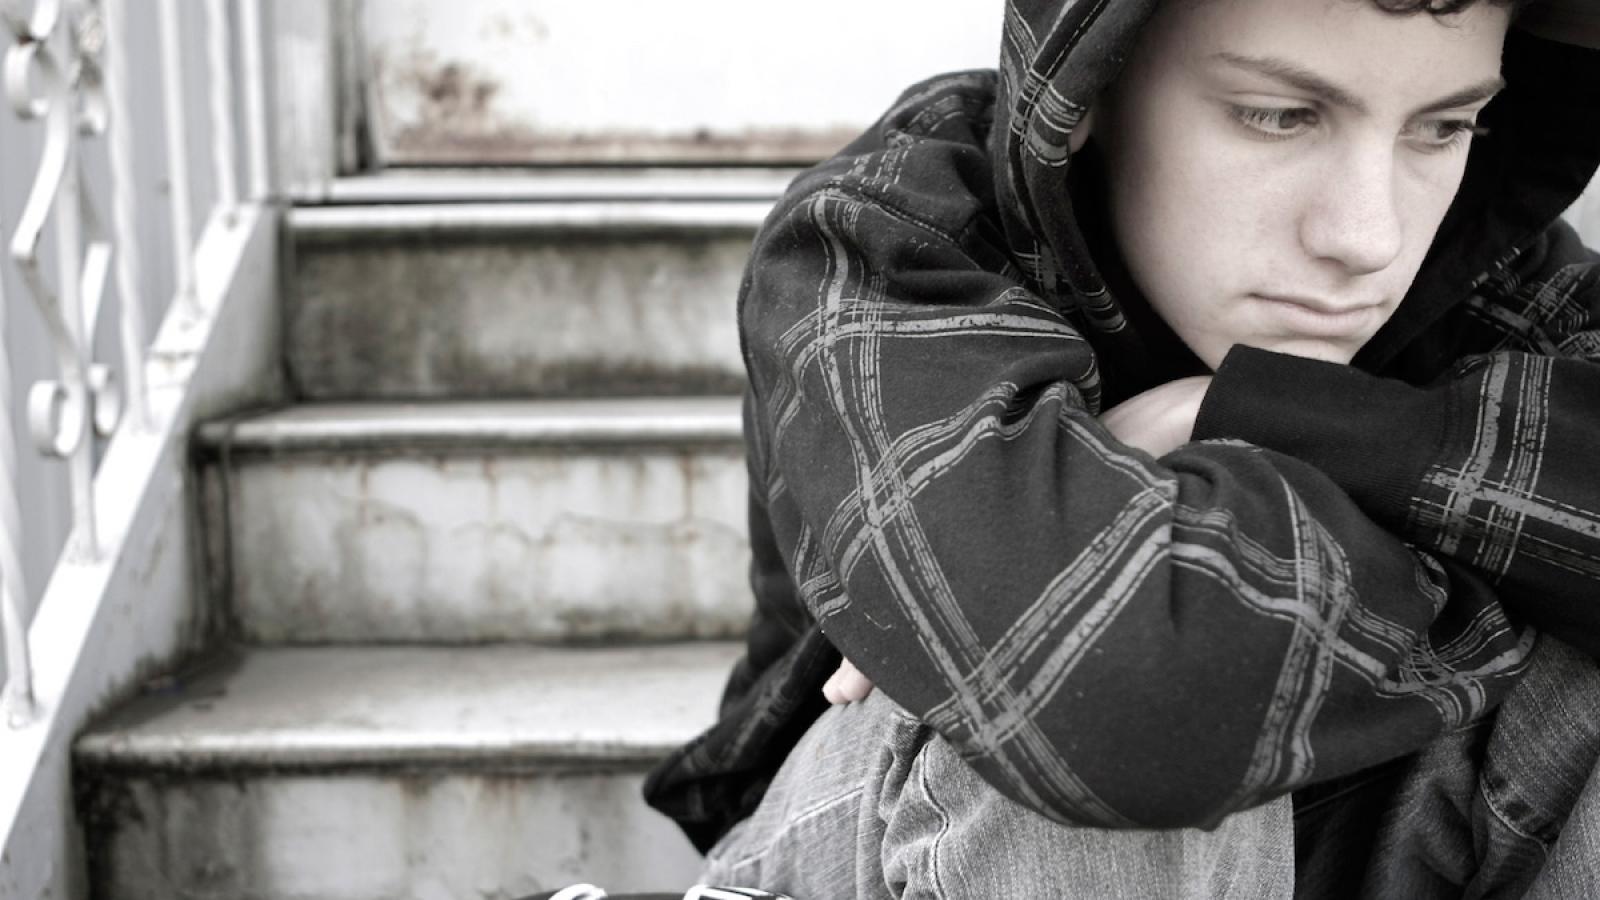 Неразделенная любовь и проблемы с родителями – вот главные темы, которые волнуют вологодских подростков